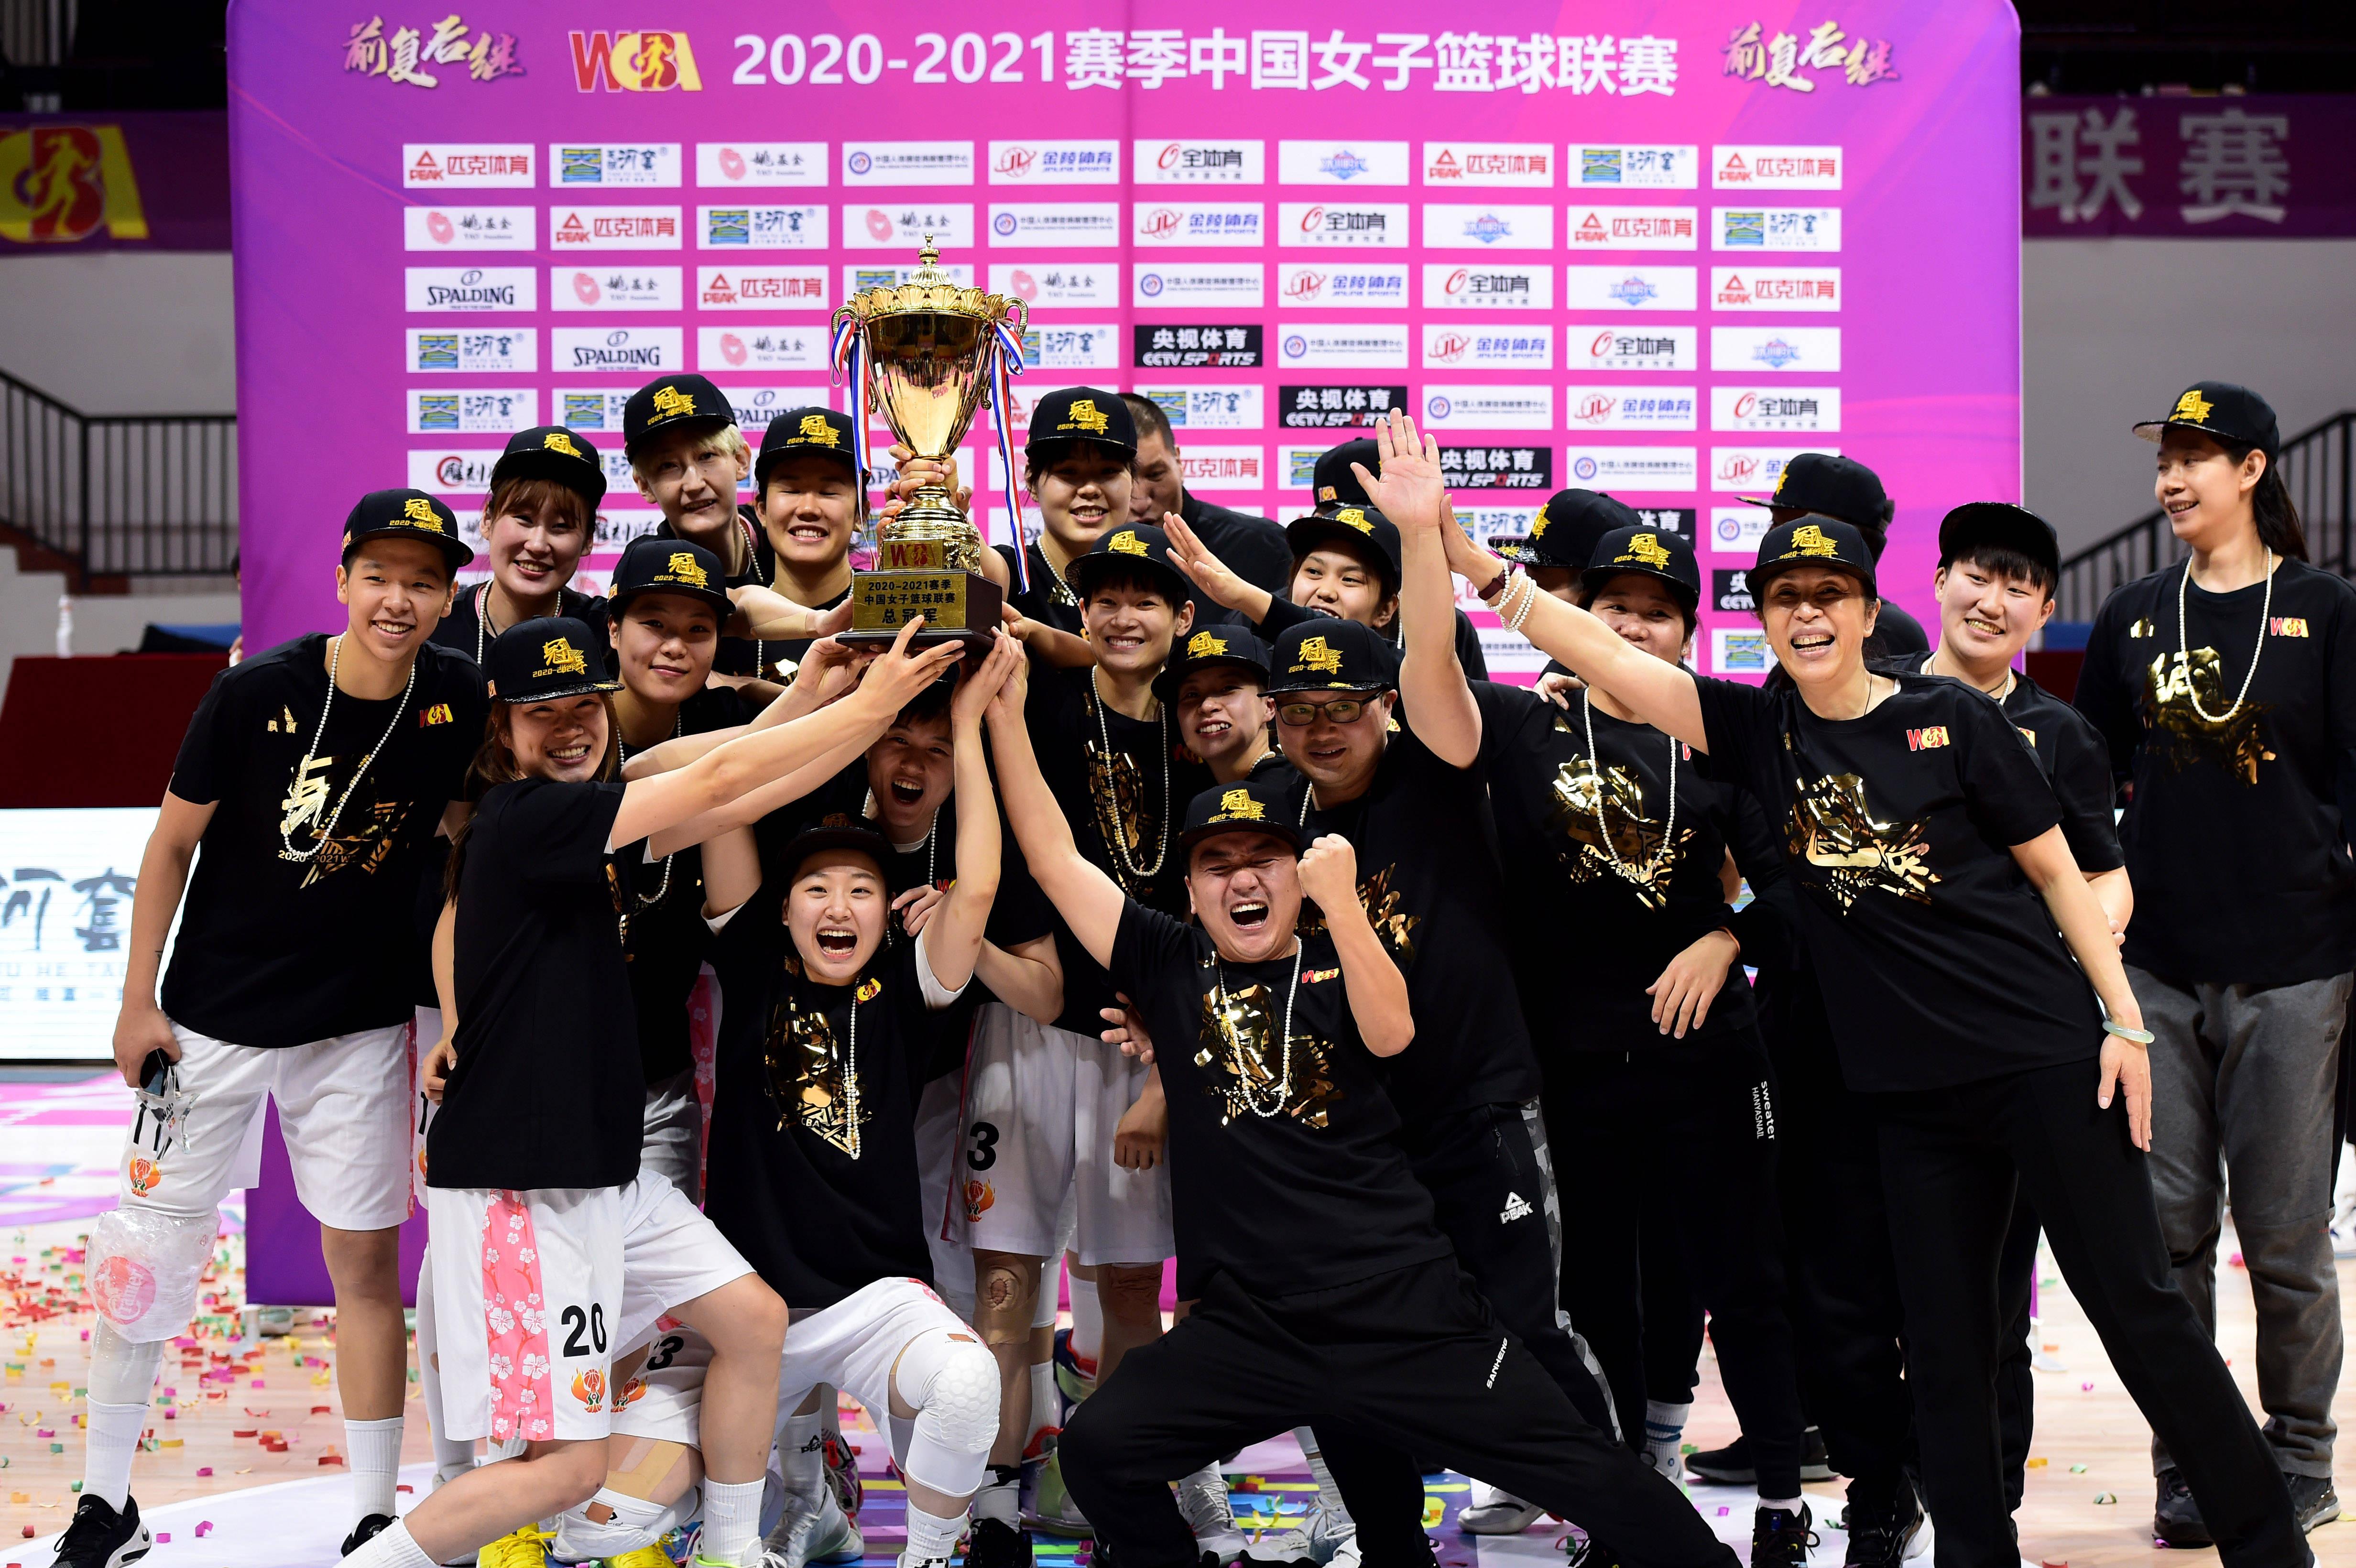 篮球-WCBA总决赛:内蒙古农村信用队夺冠